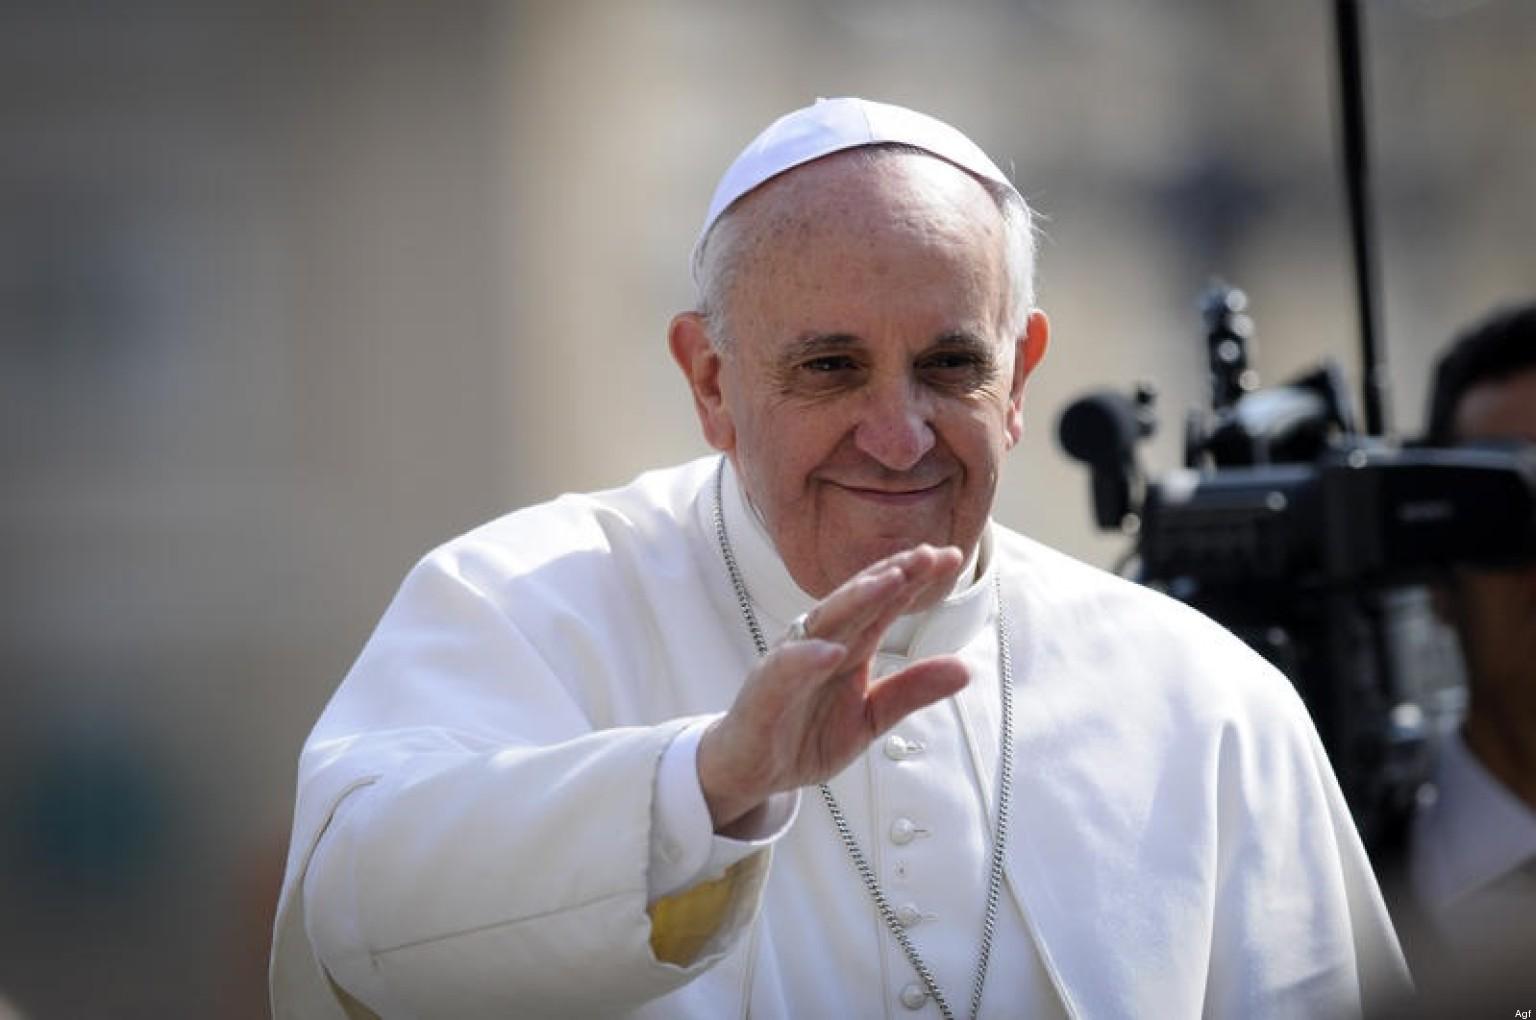 Papa a Napoli: cittadini di Scampia esclusi dall'evento organizzato a casa loro